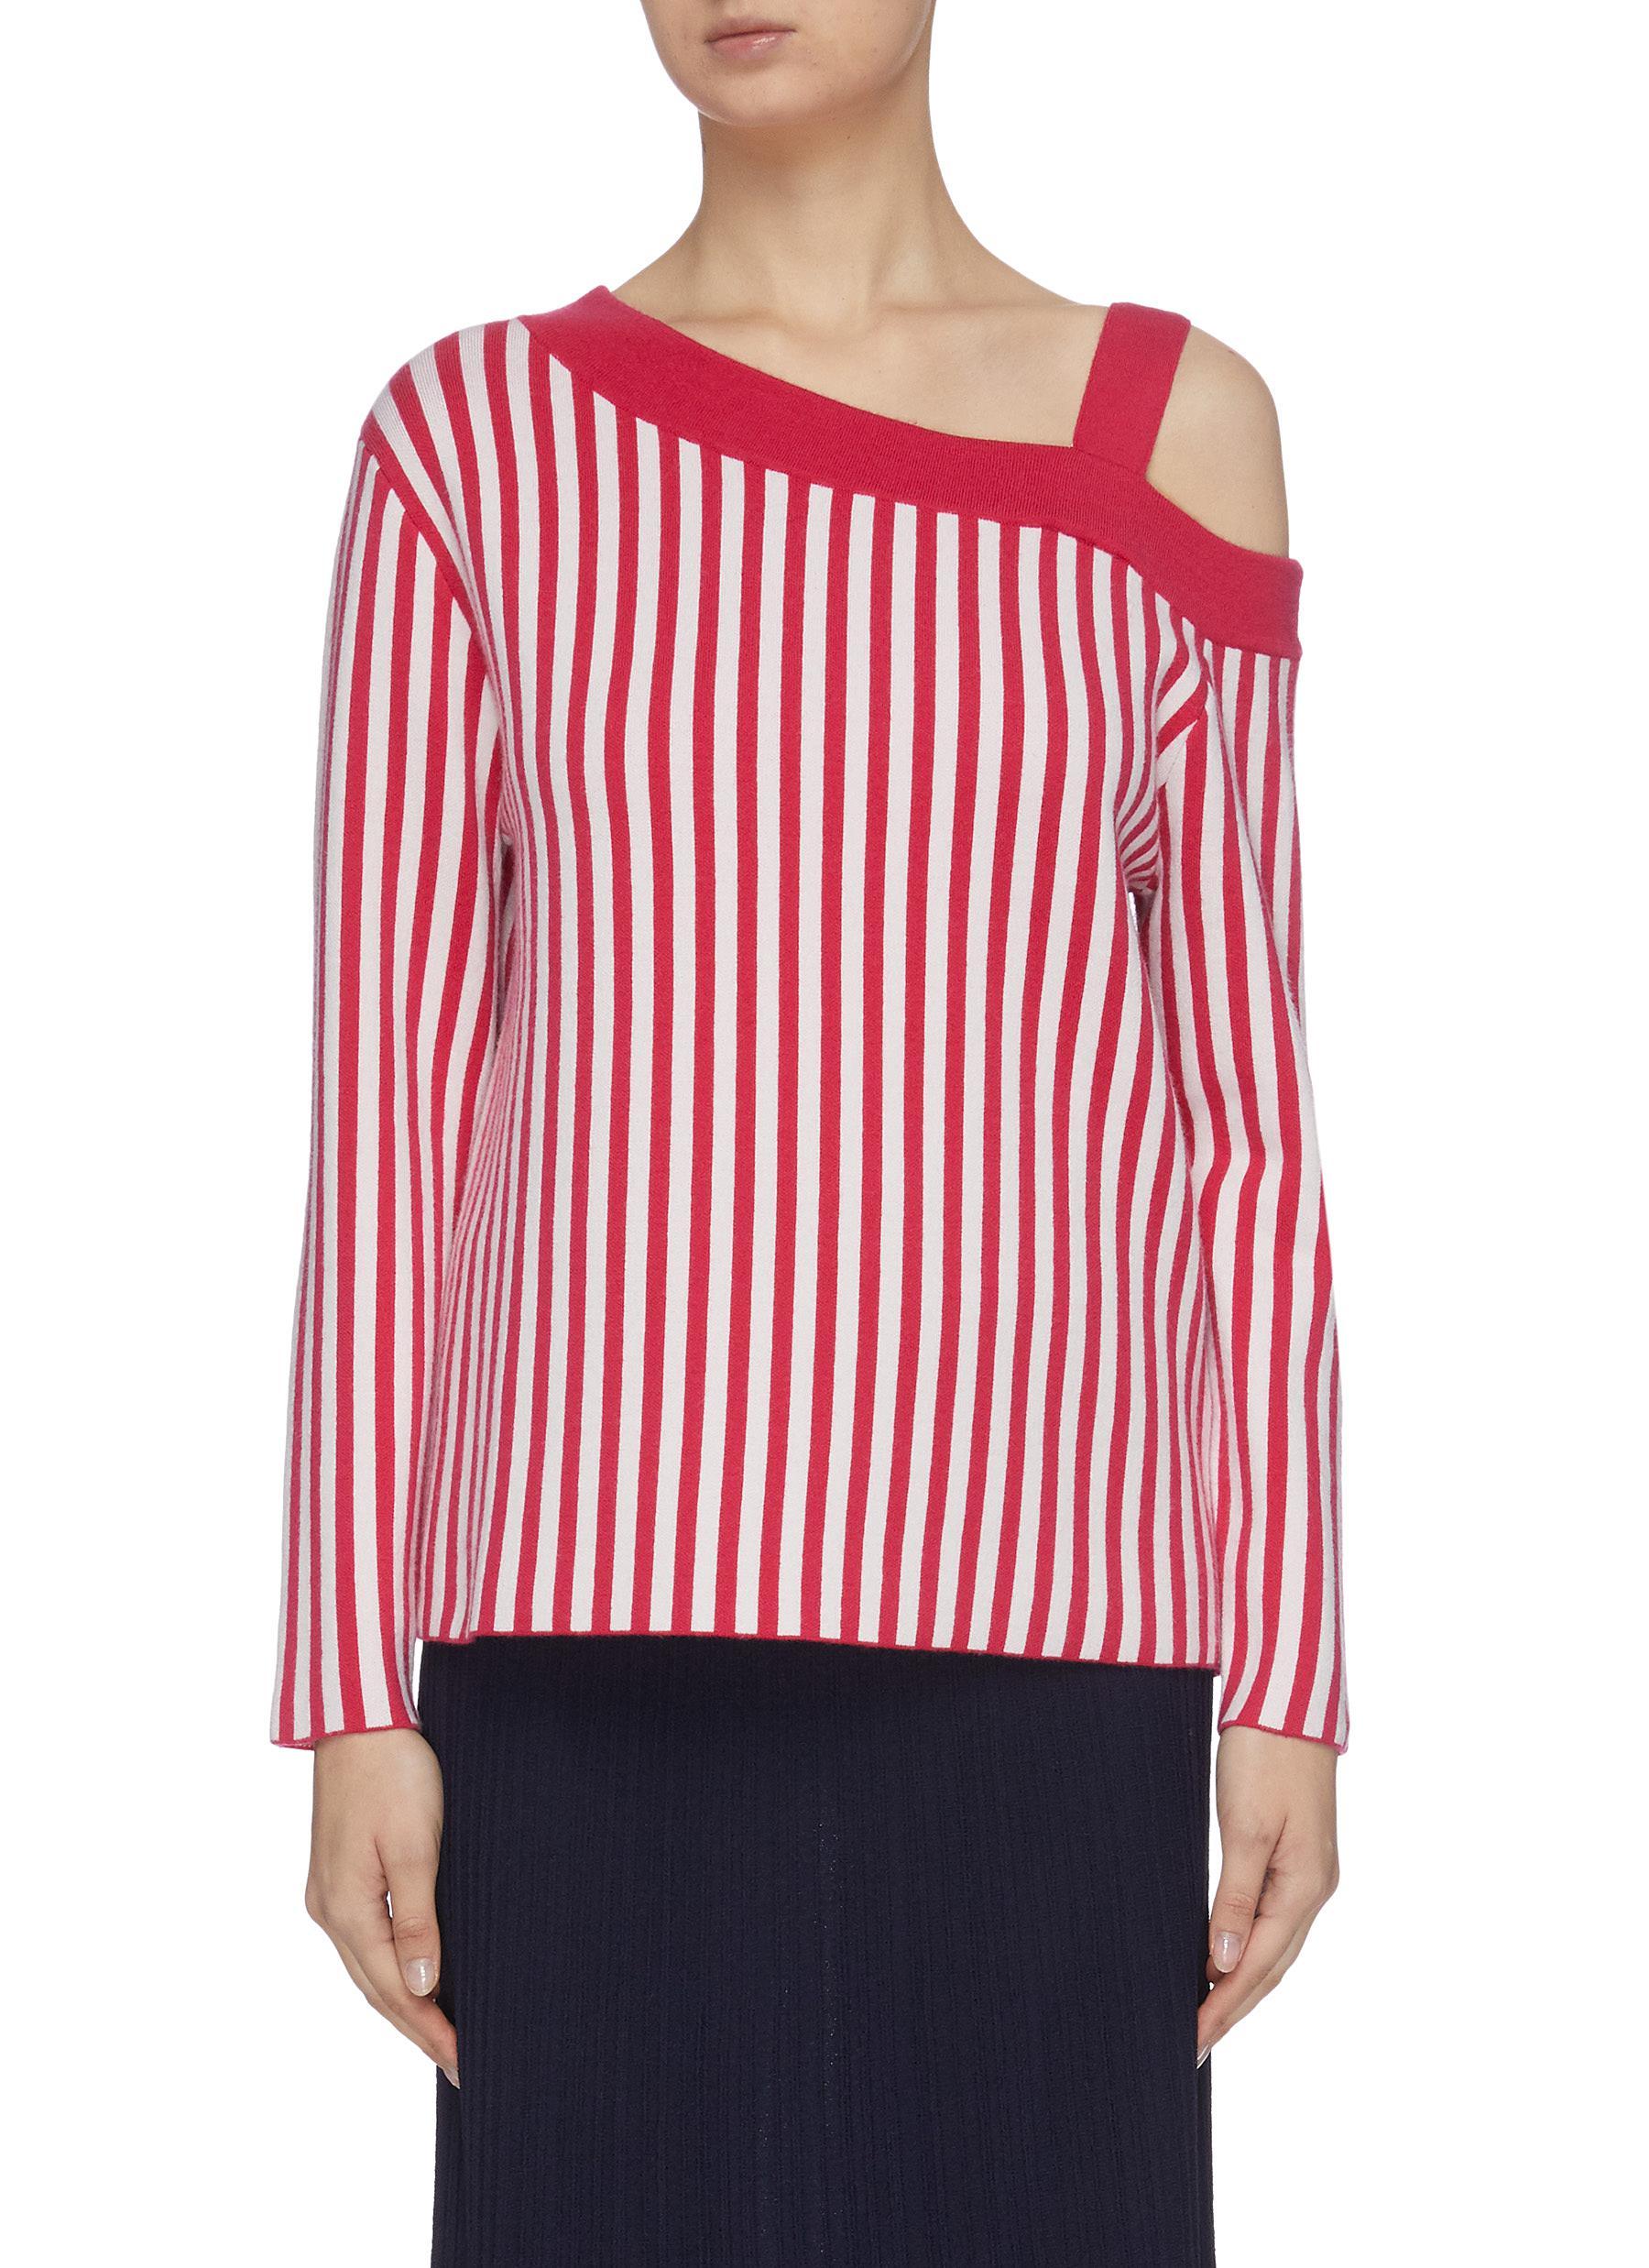 Buy Ph5 Knitwear Asymmetric off-shoulder merino wool stripe top